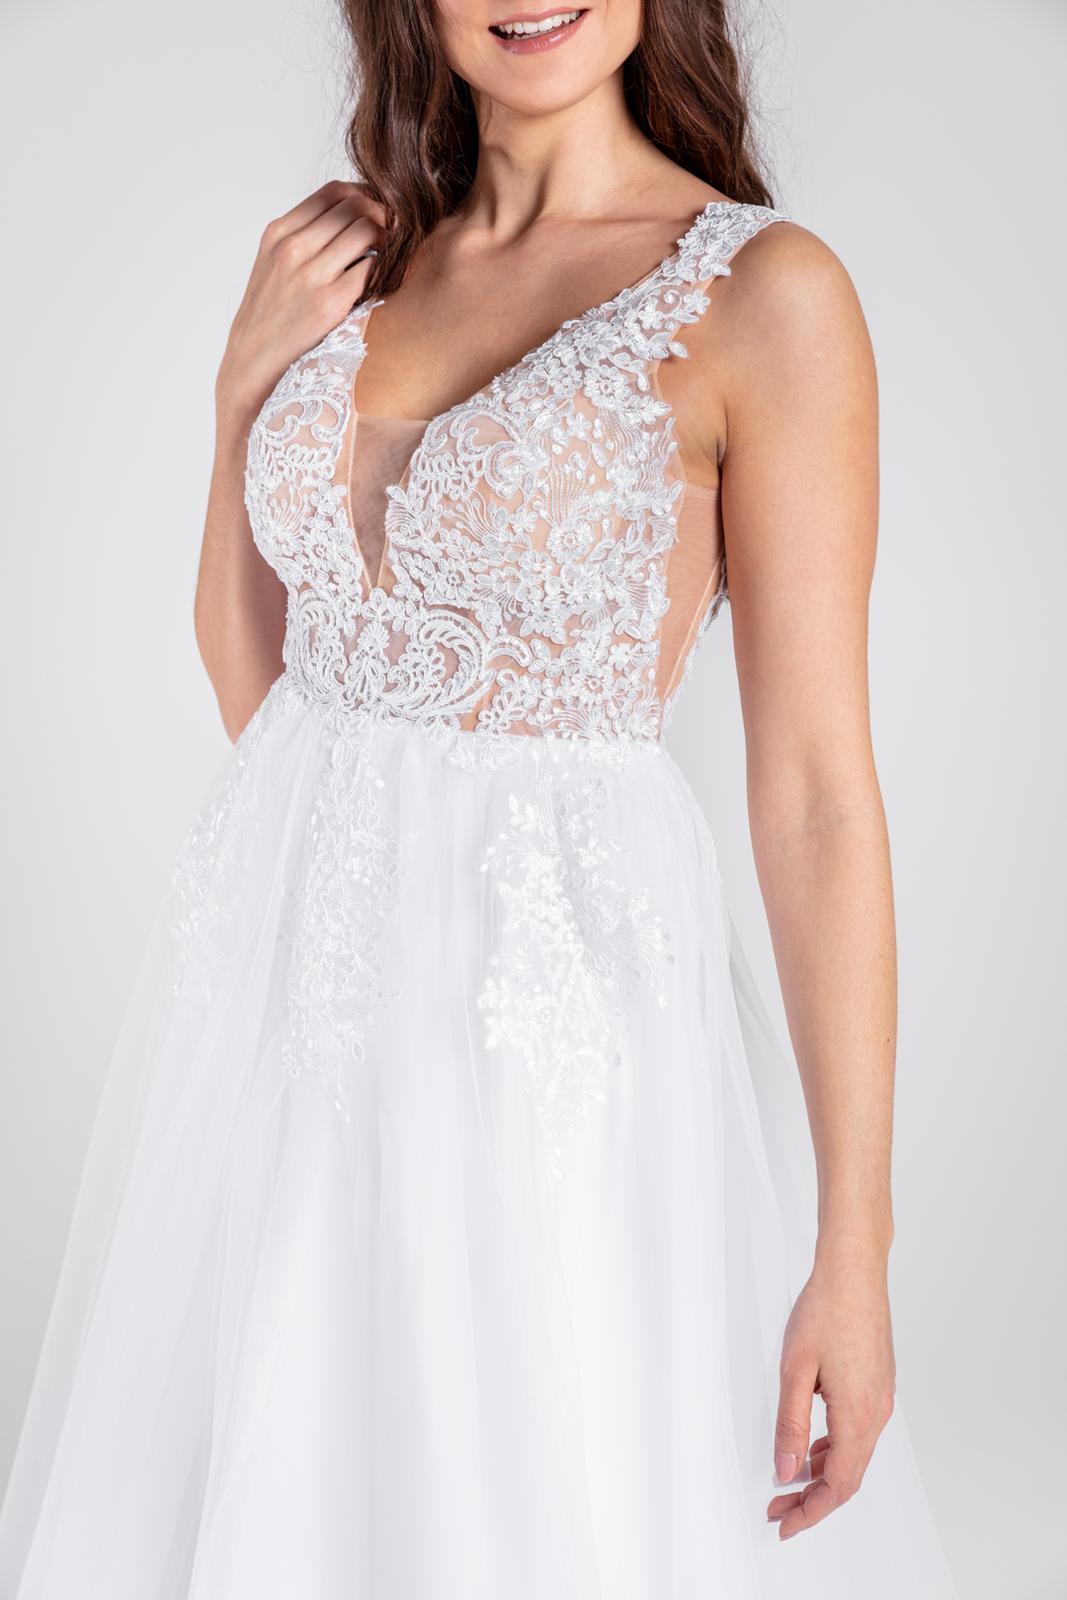 Krajkované svatební šaty, vel 36-38 - Obrázek č. 1